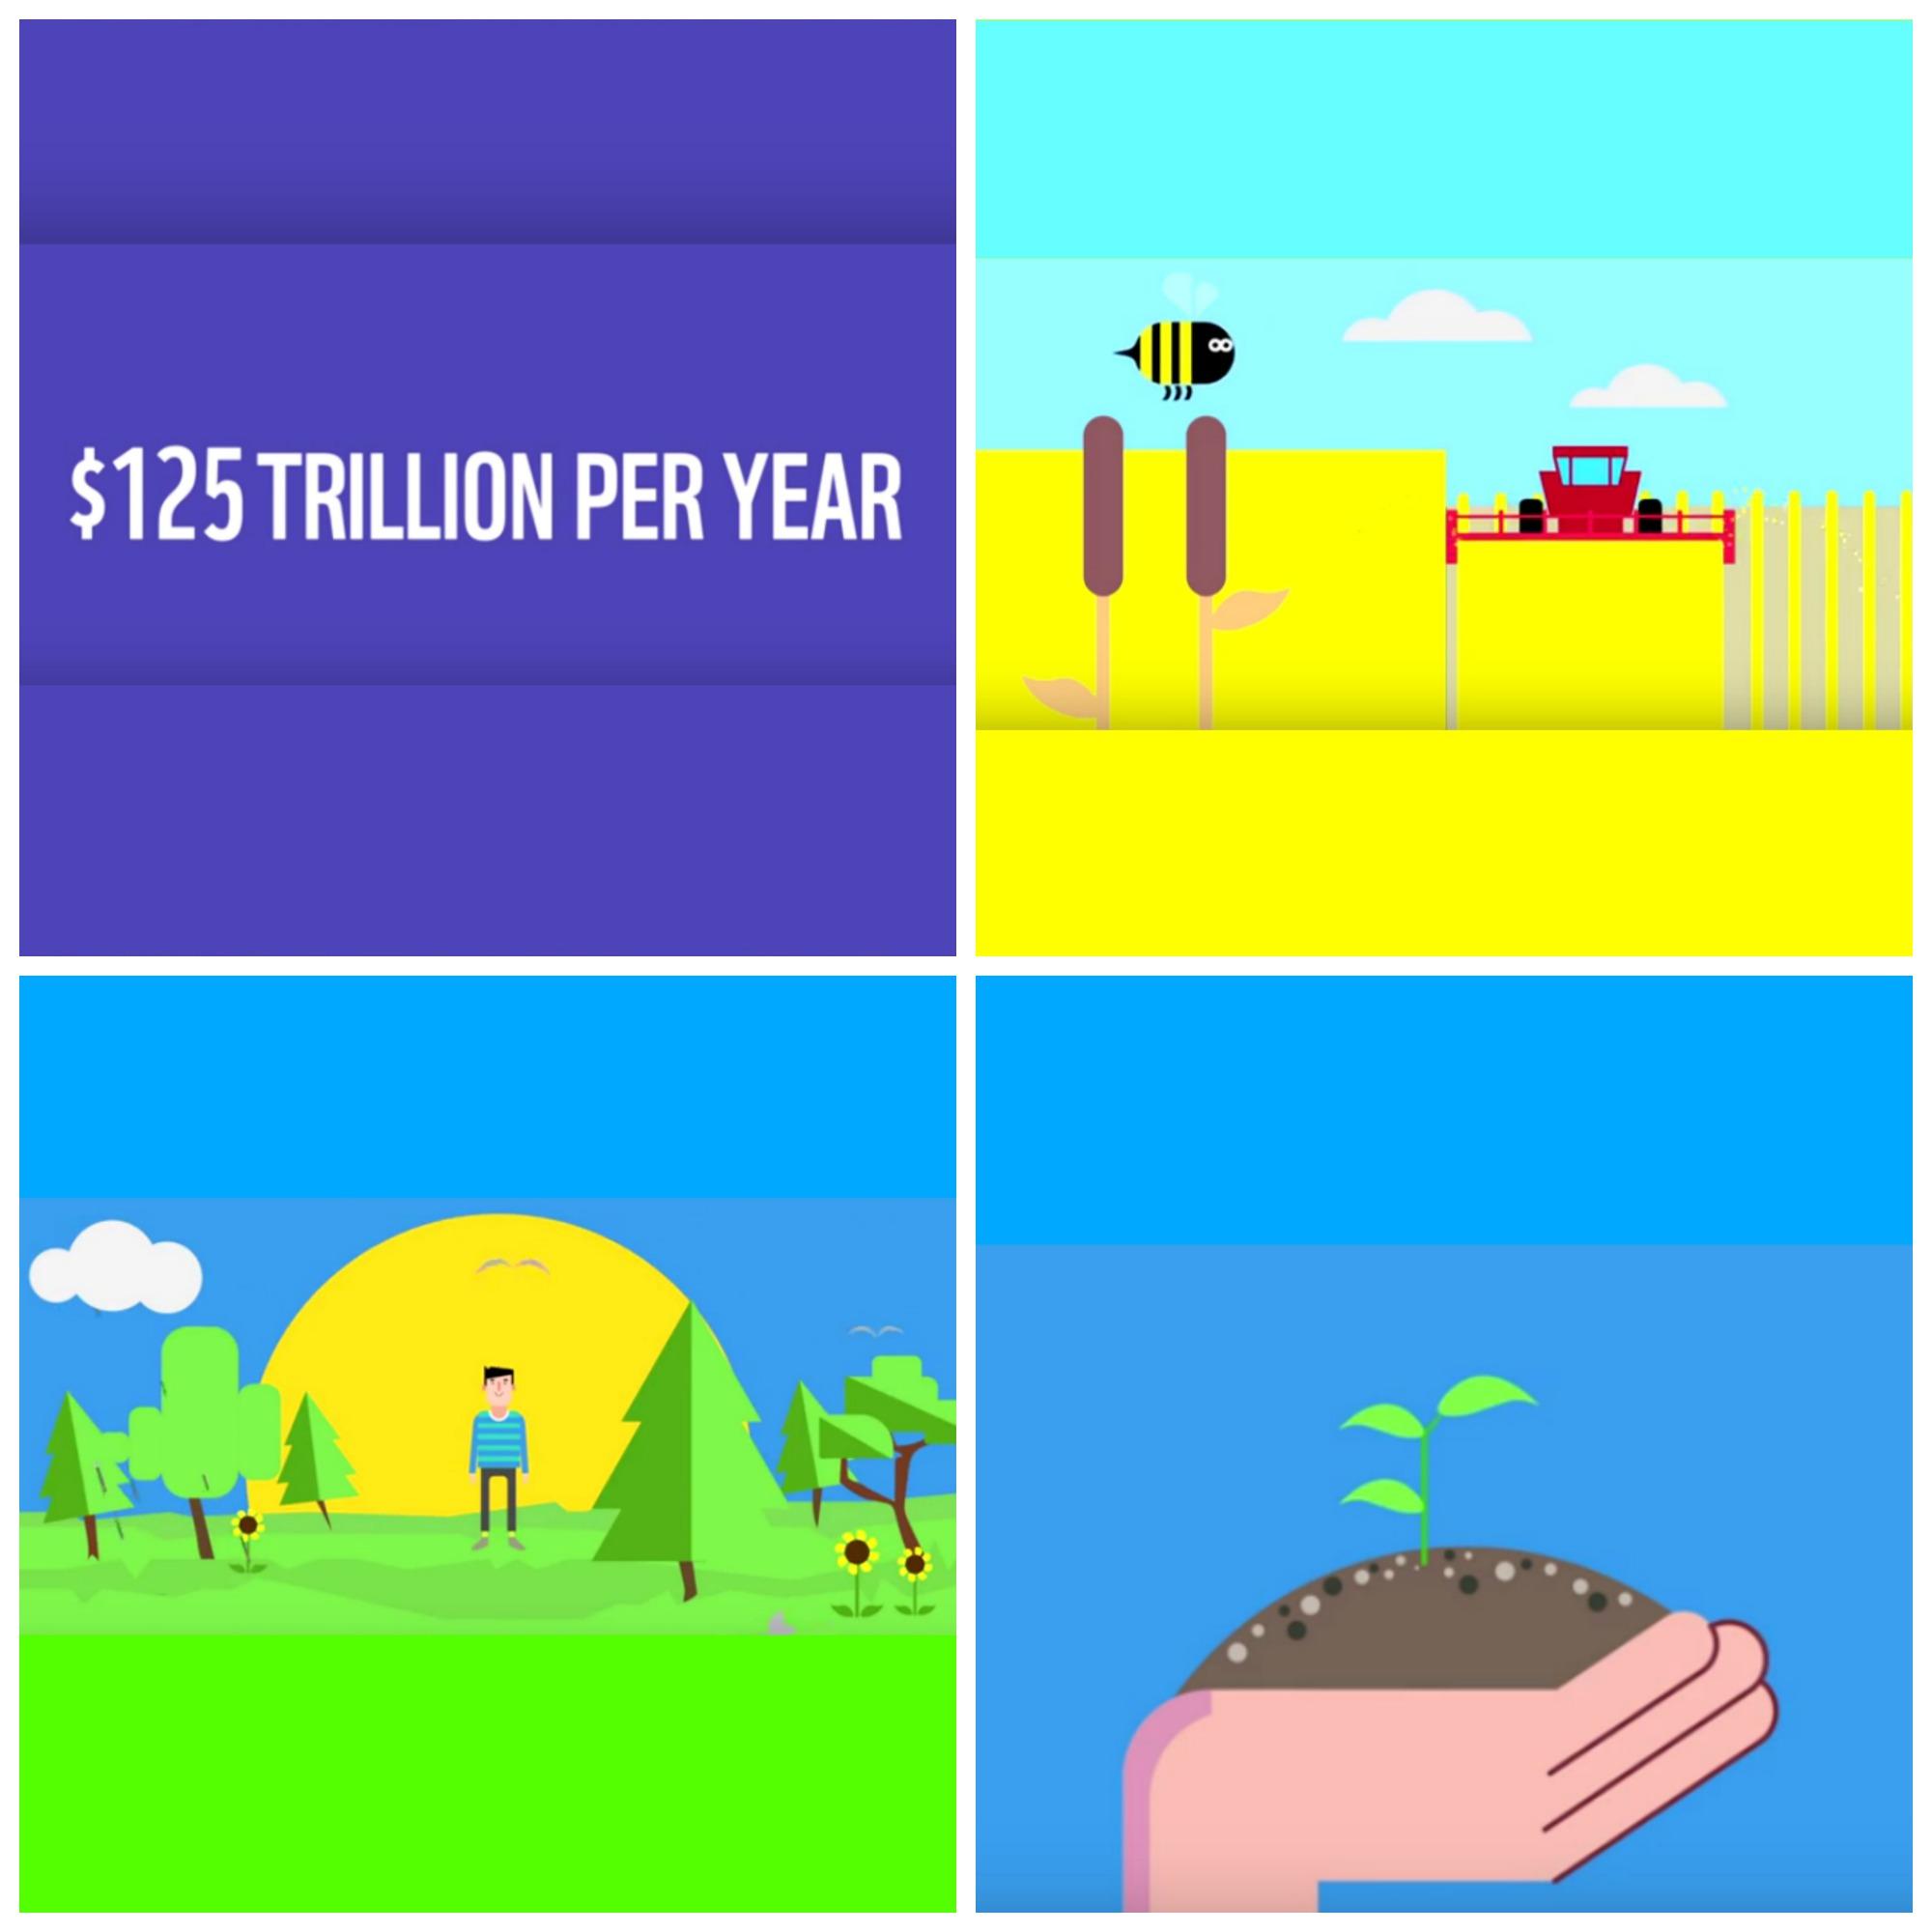 Los bienes y servicios que anualmente nos proveen la biodiversidad y sus servicios ecosistémicos tienen un valor de 125 millones de dólares.